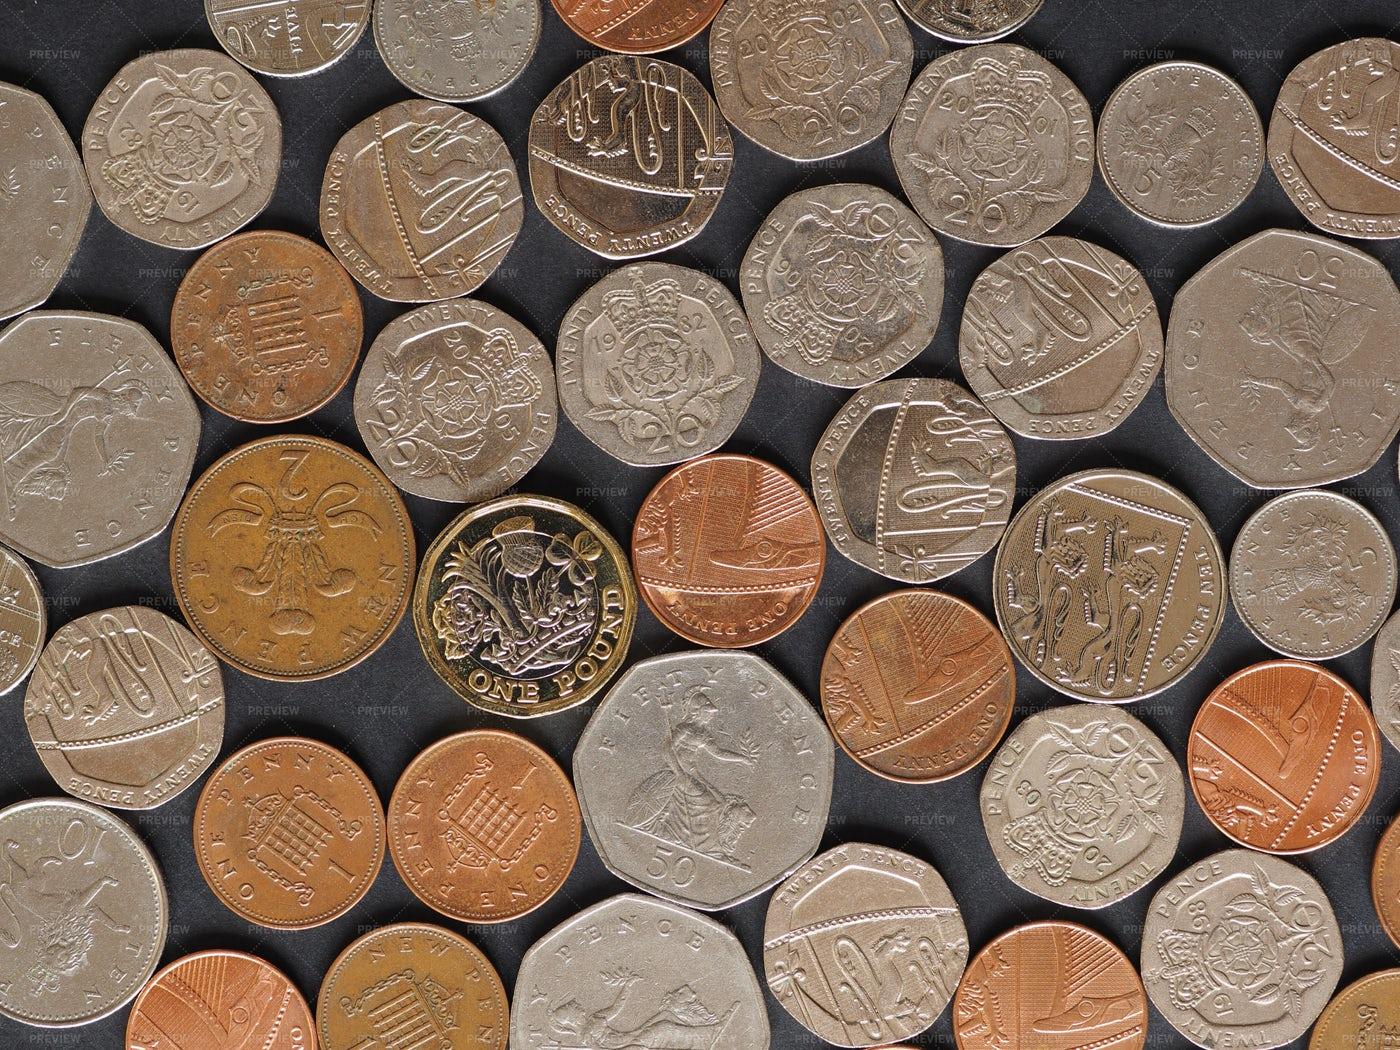 Pounds And Pennies: Stock Photos